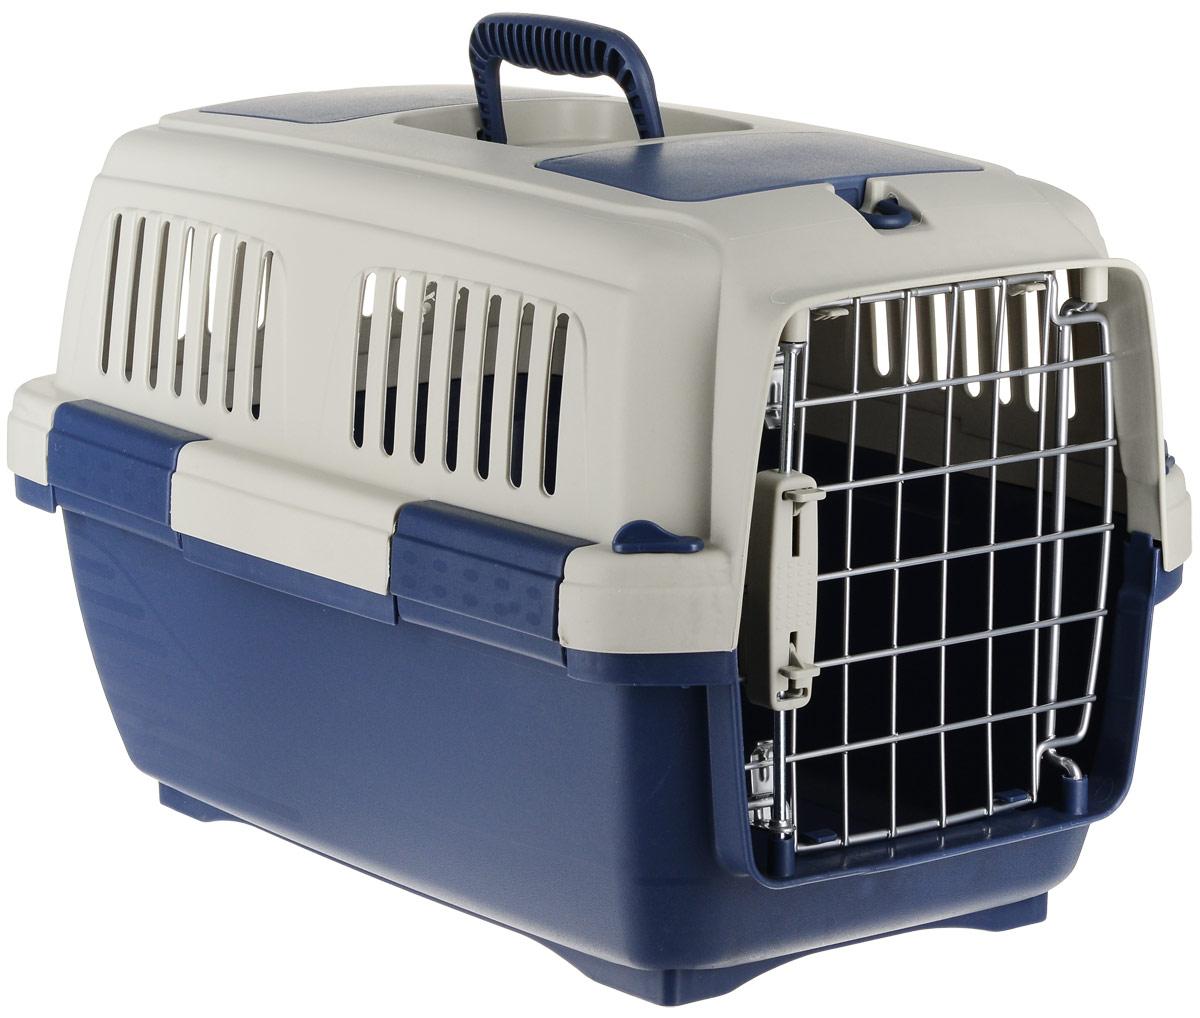 Переноска для животных Marchioro  Tortuga 1 , цвет: синий, бежевый, 50 х 31 х 31 см - Переноски, товары для транспортировки